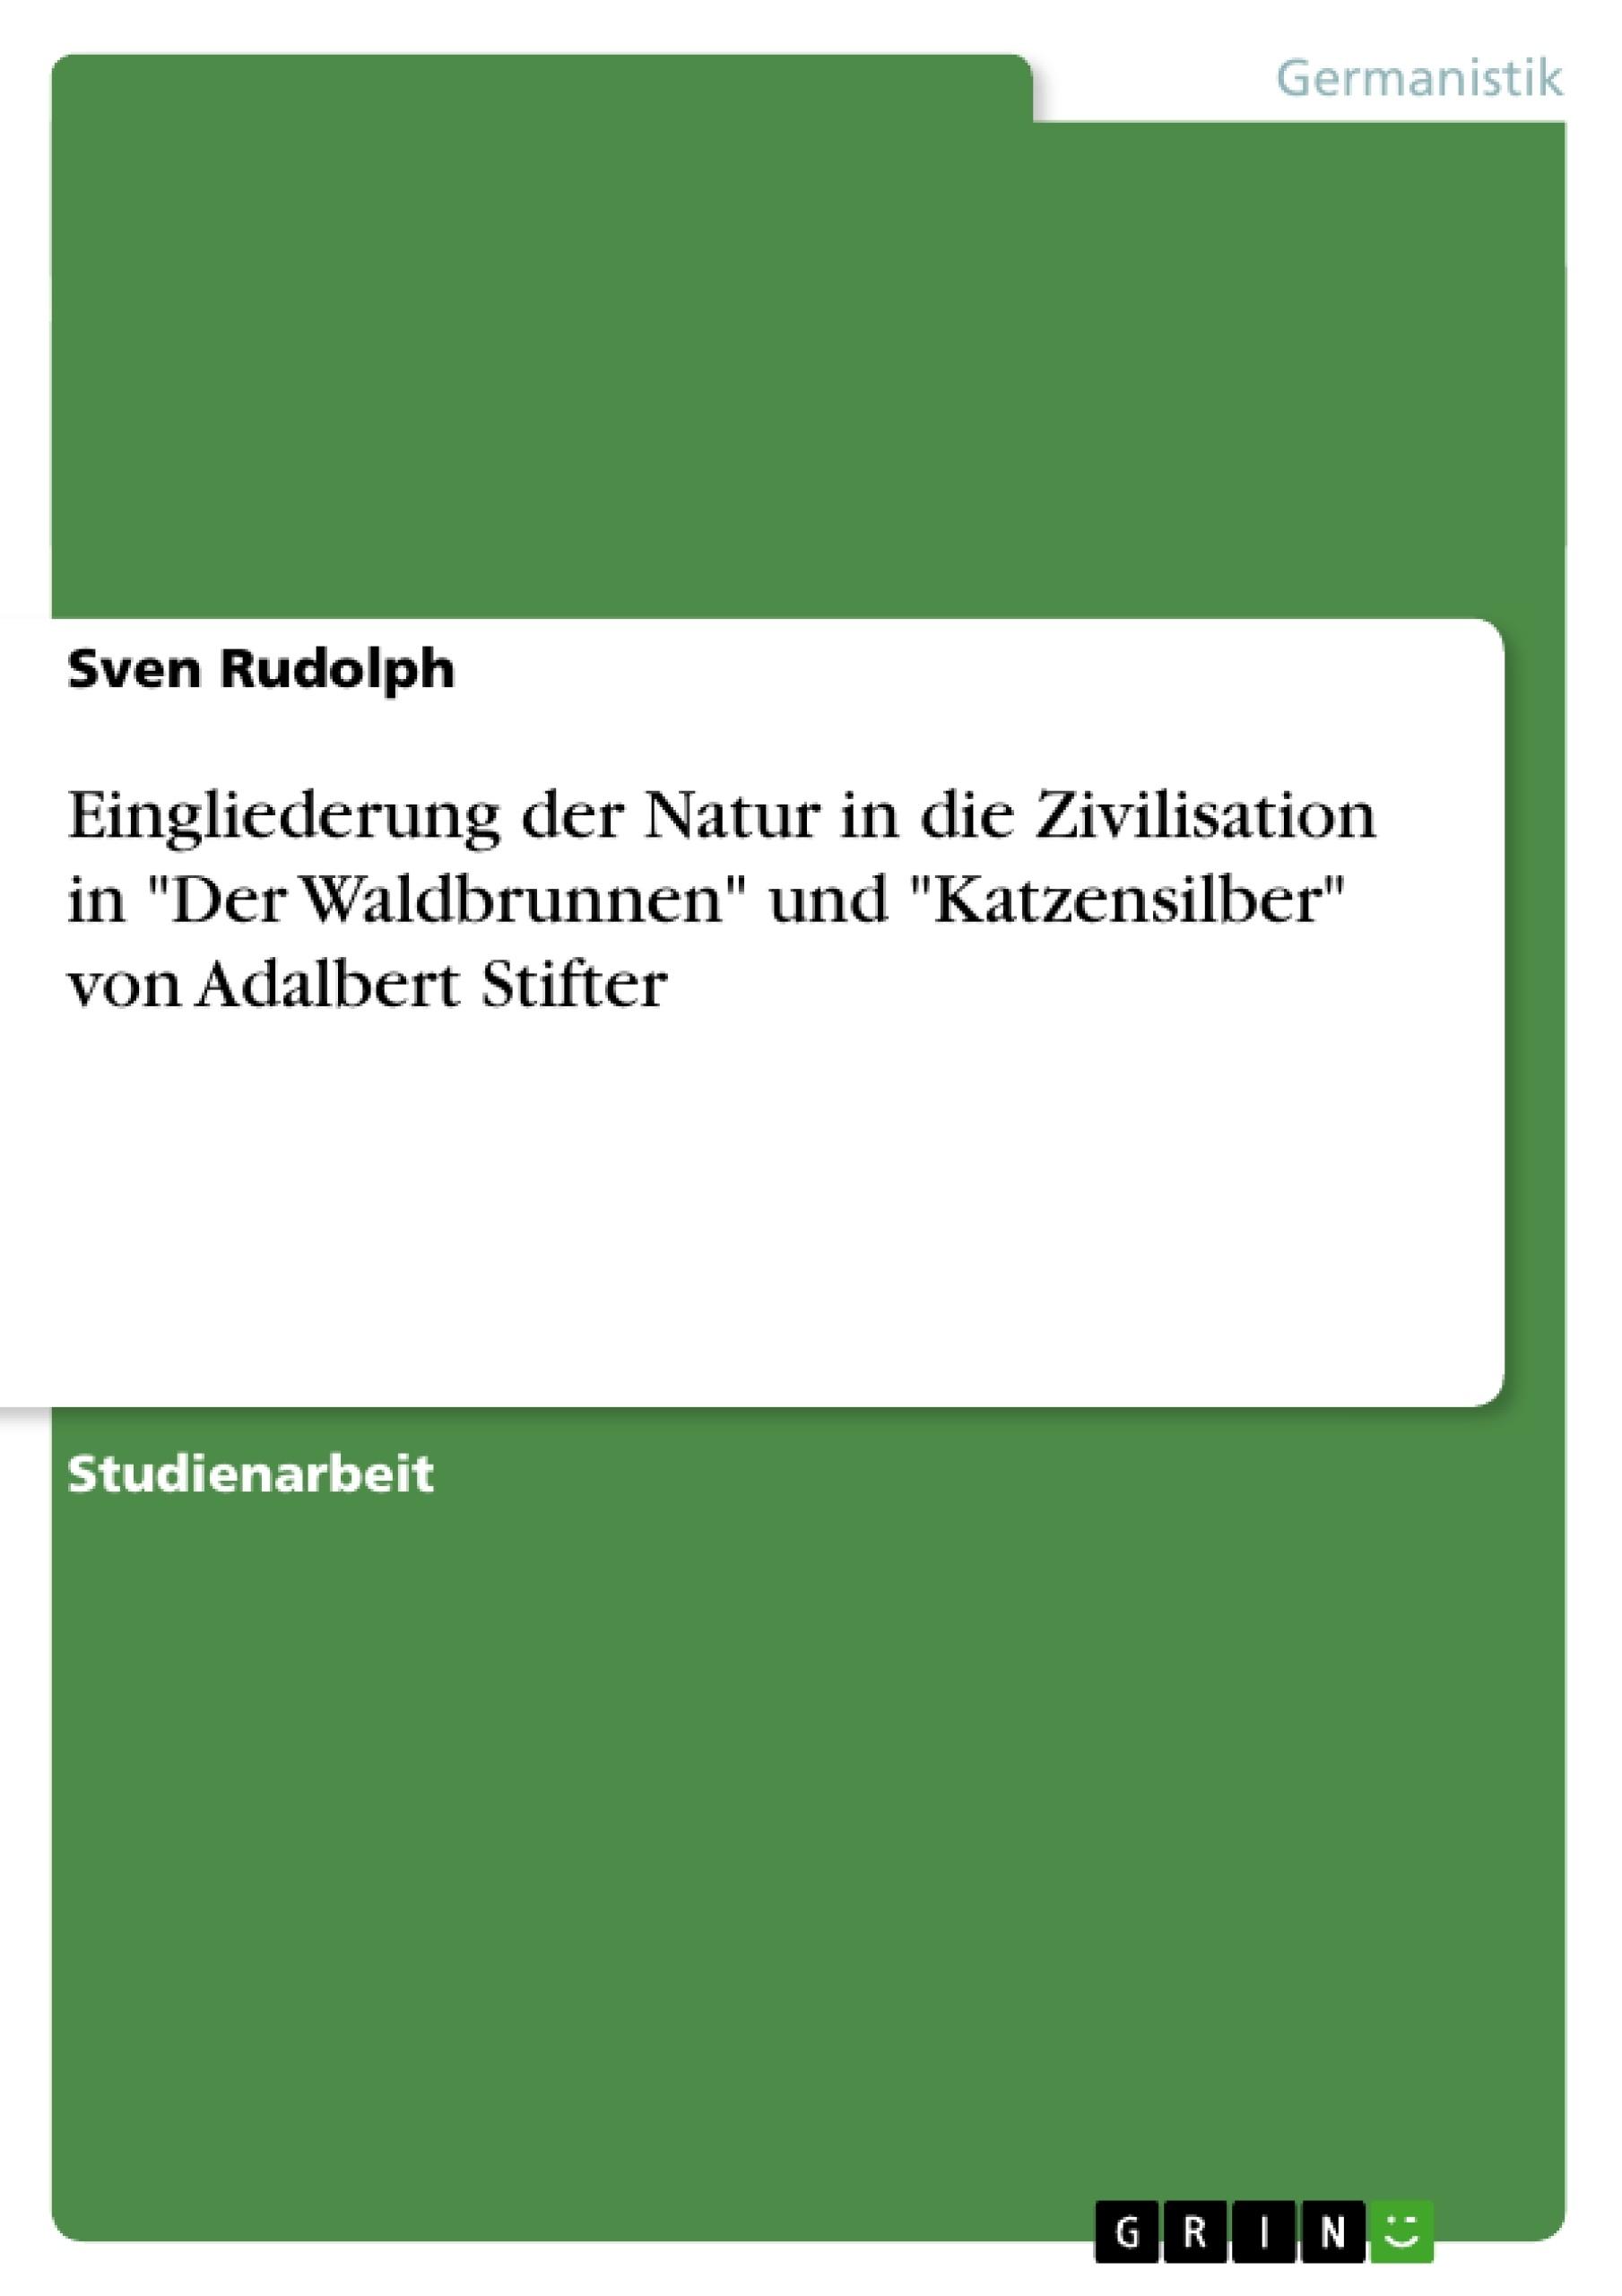 """Titel: Eingliederung der Natur in die Zivilisation in  """"Der Waldbrunnen"""" und """"Katzensilber"""" von Adalbert Stifter"""